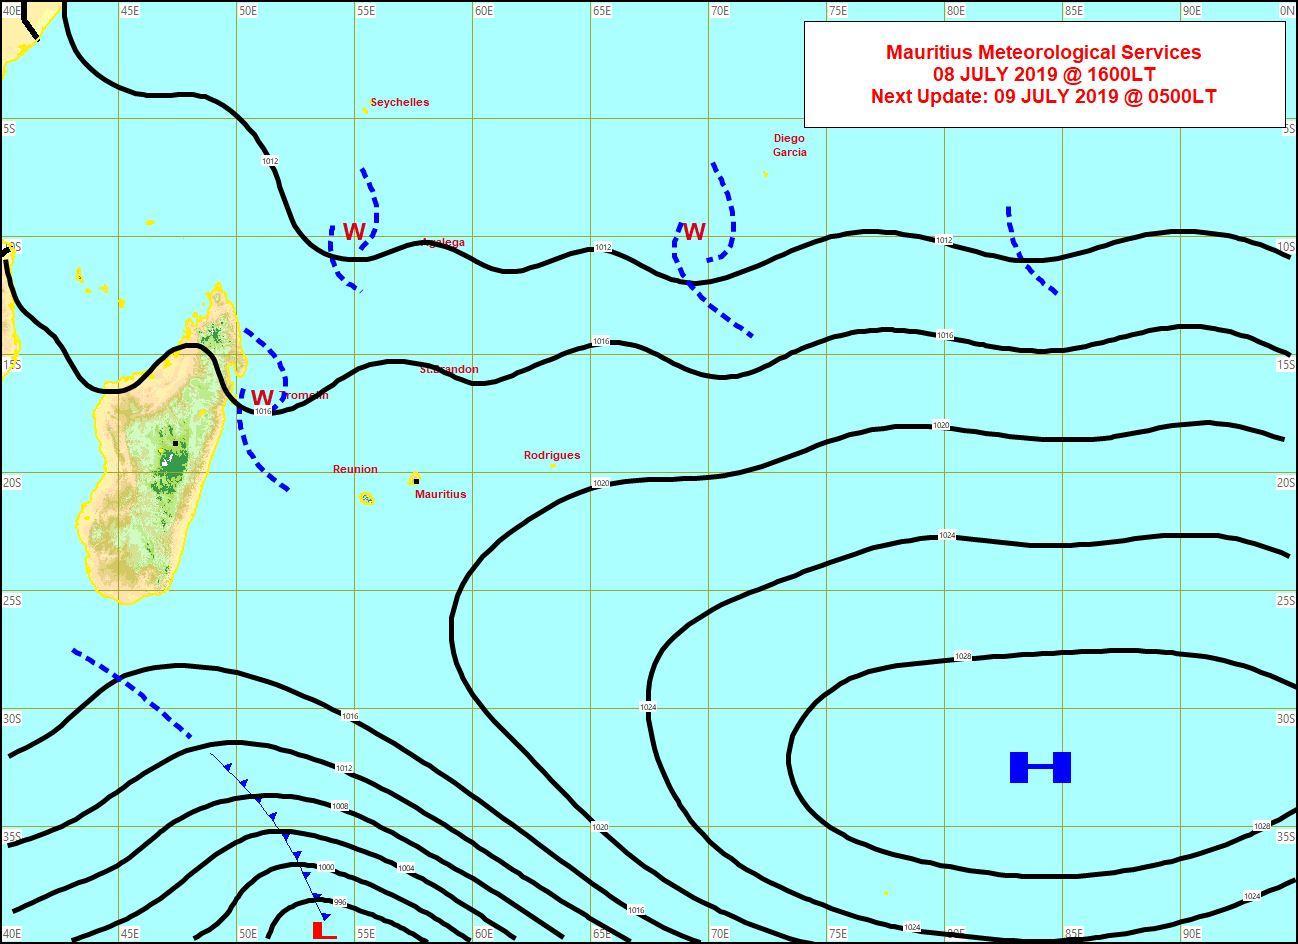 Analyse de la situation de surface cet après midi. Les vents restent faibles sur les Iles Soeurs. La limite nord d'un système frontal se trouve au sud de MADA. MMS